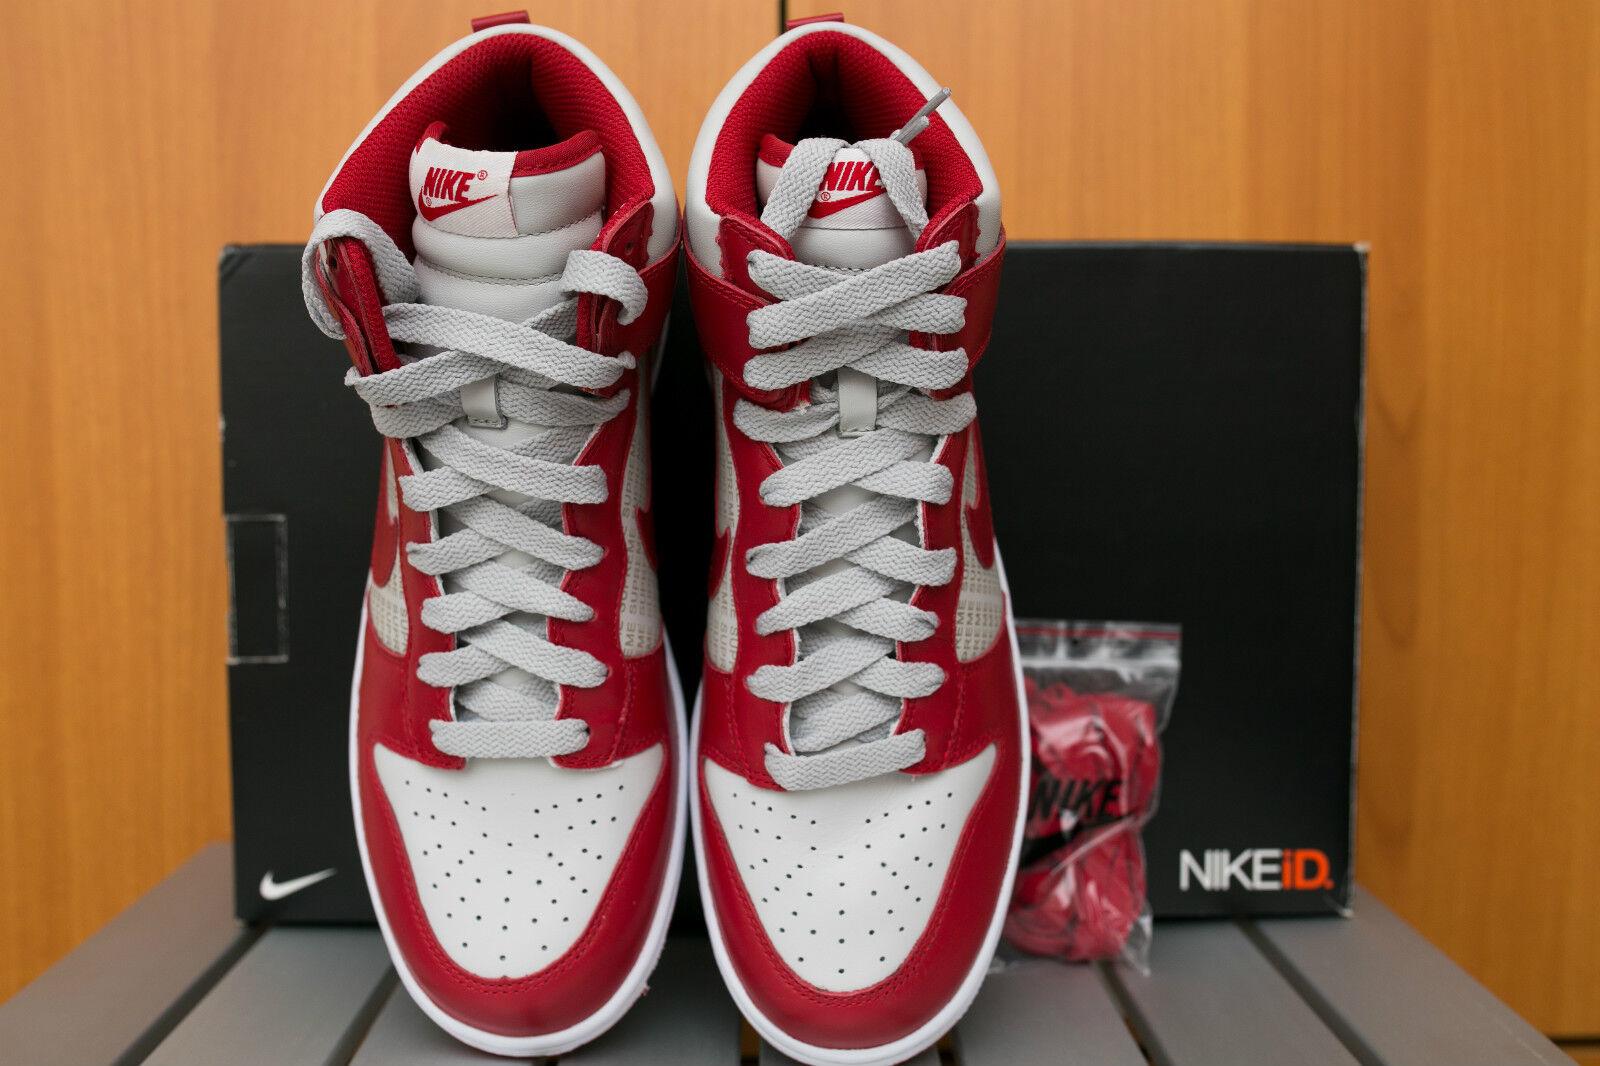 Jordan 10 Infrared Cool Grey Grey Cool sz11.5 11.5 4d1a27